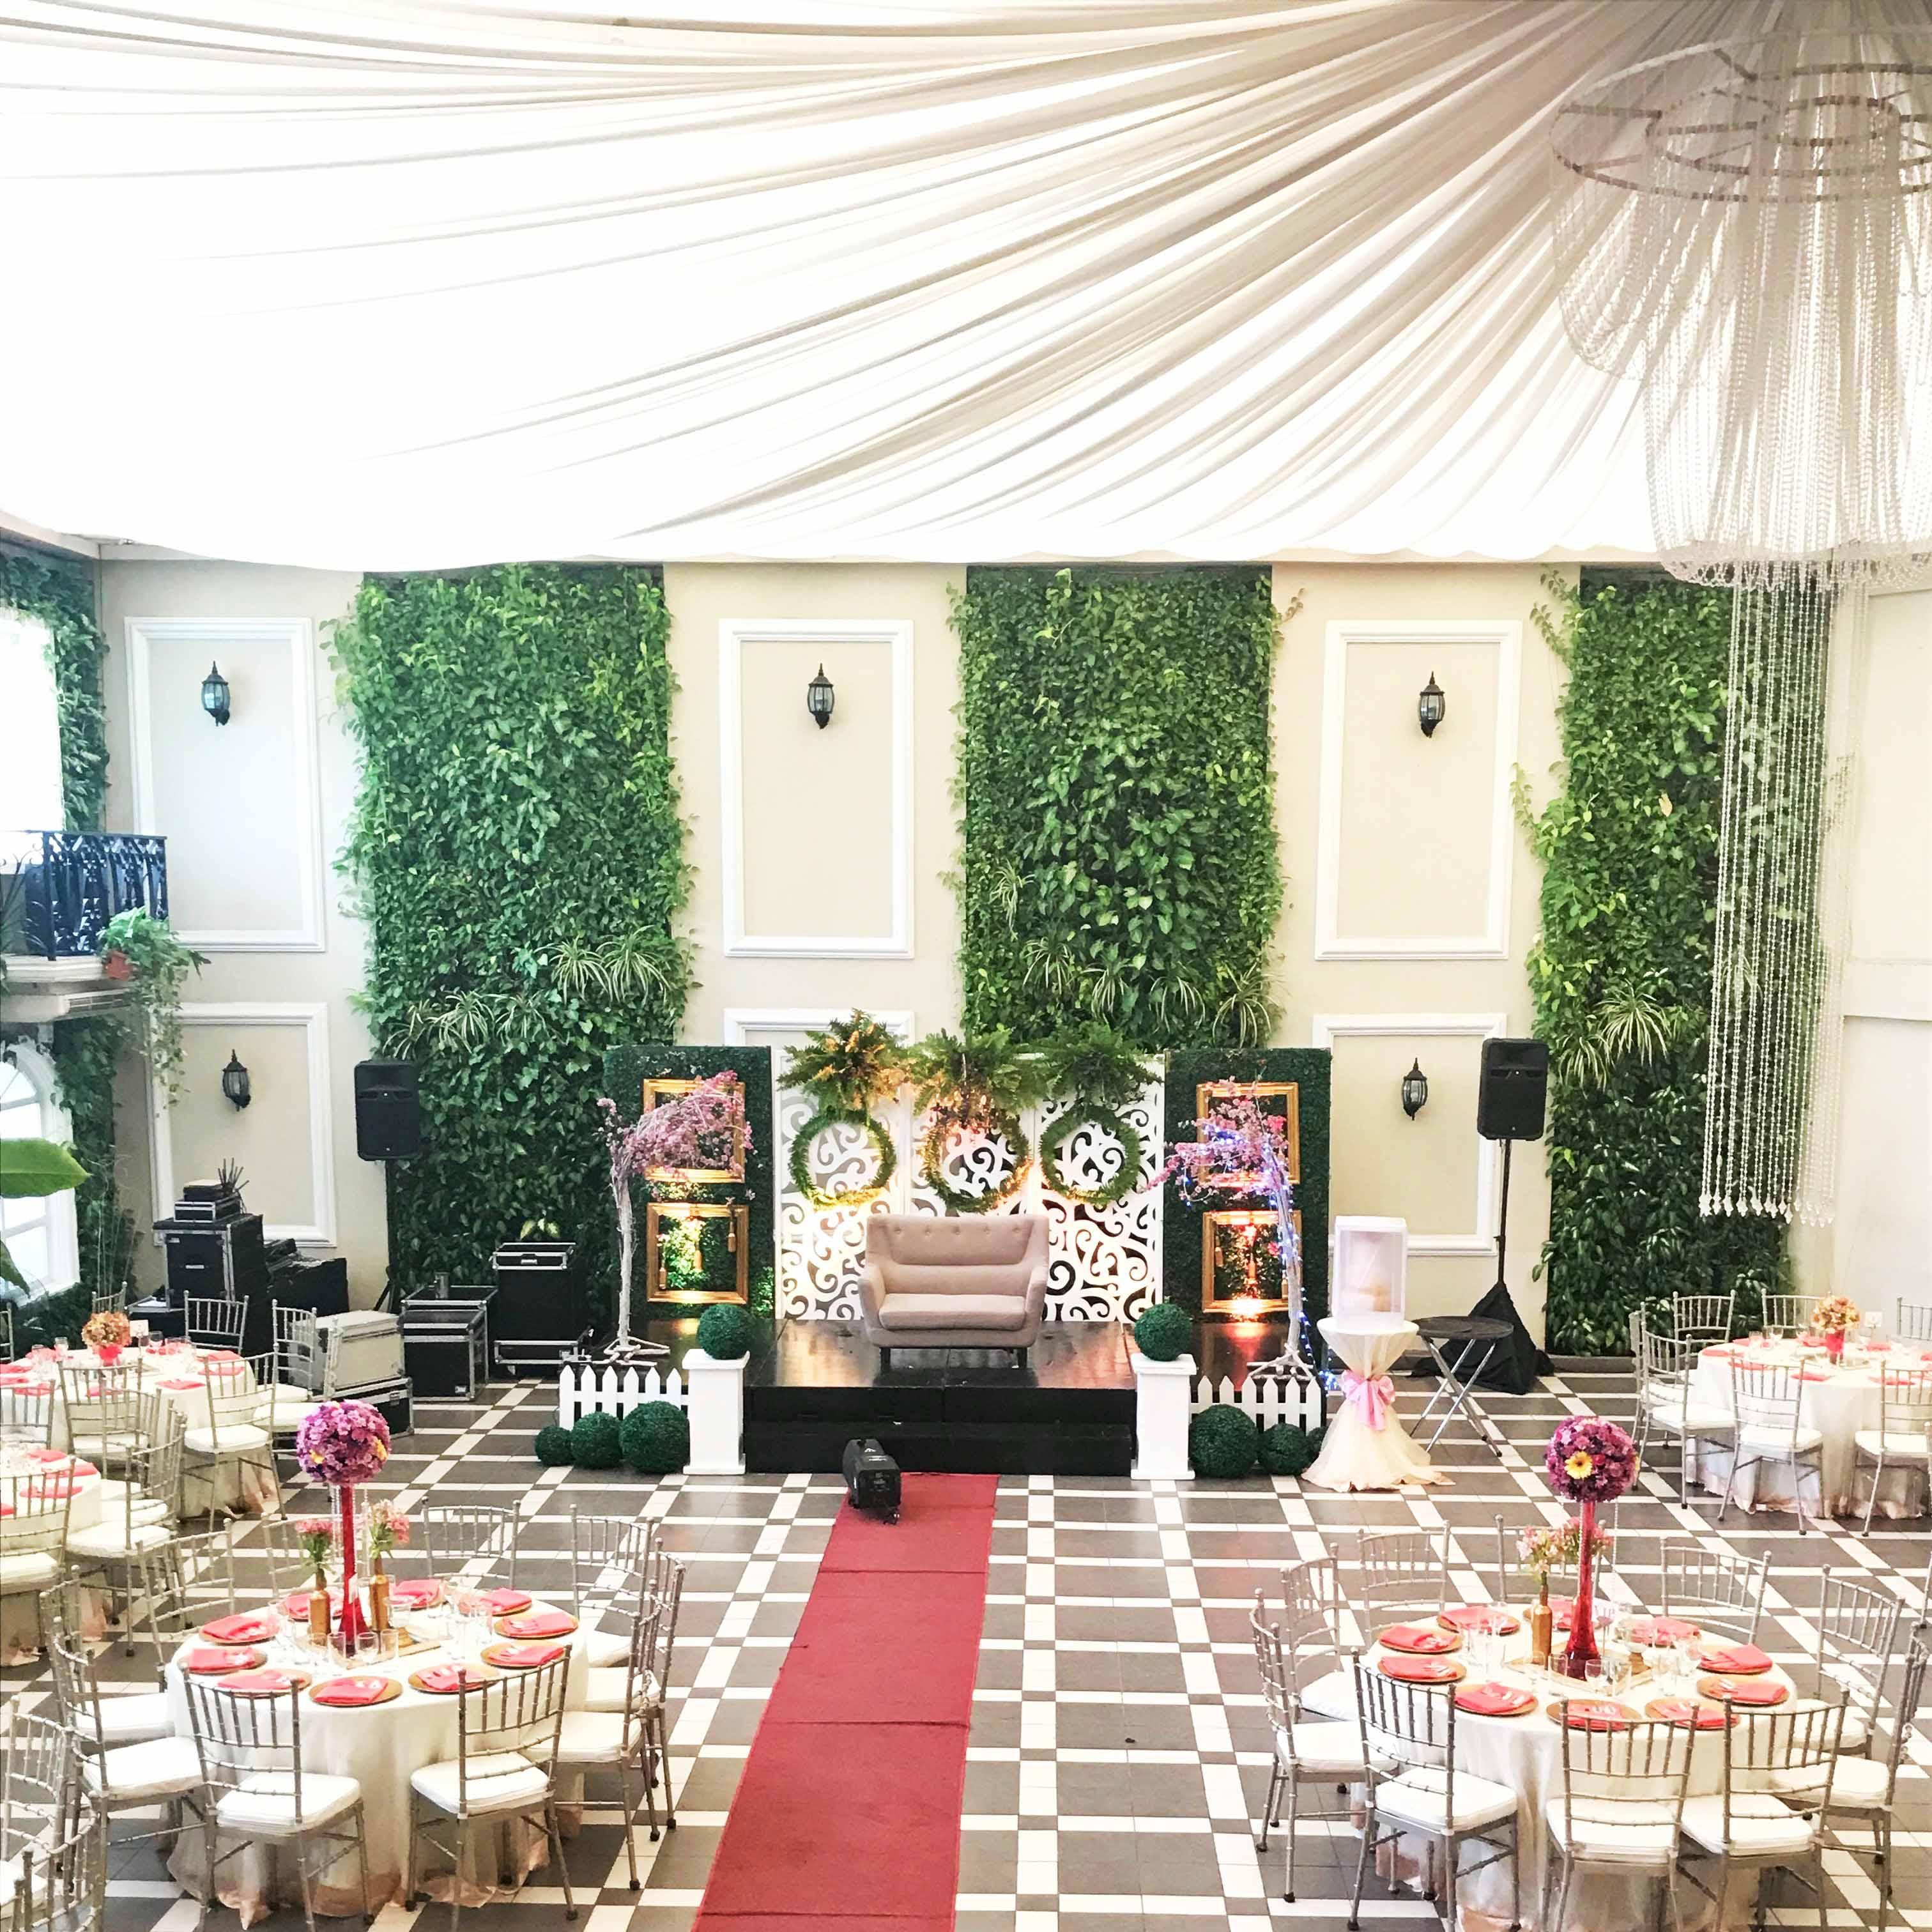 Wedding Venue In Quezon City: Hanging Gardens Events Venue